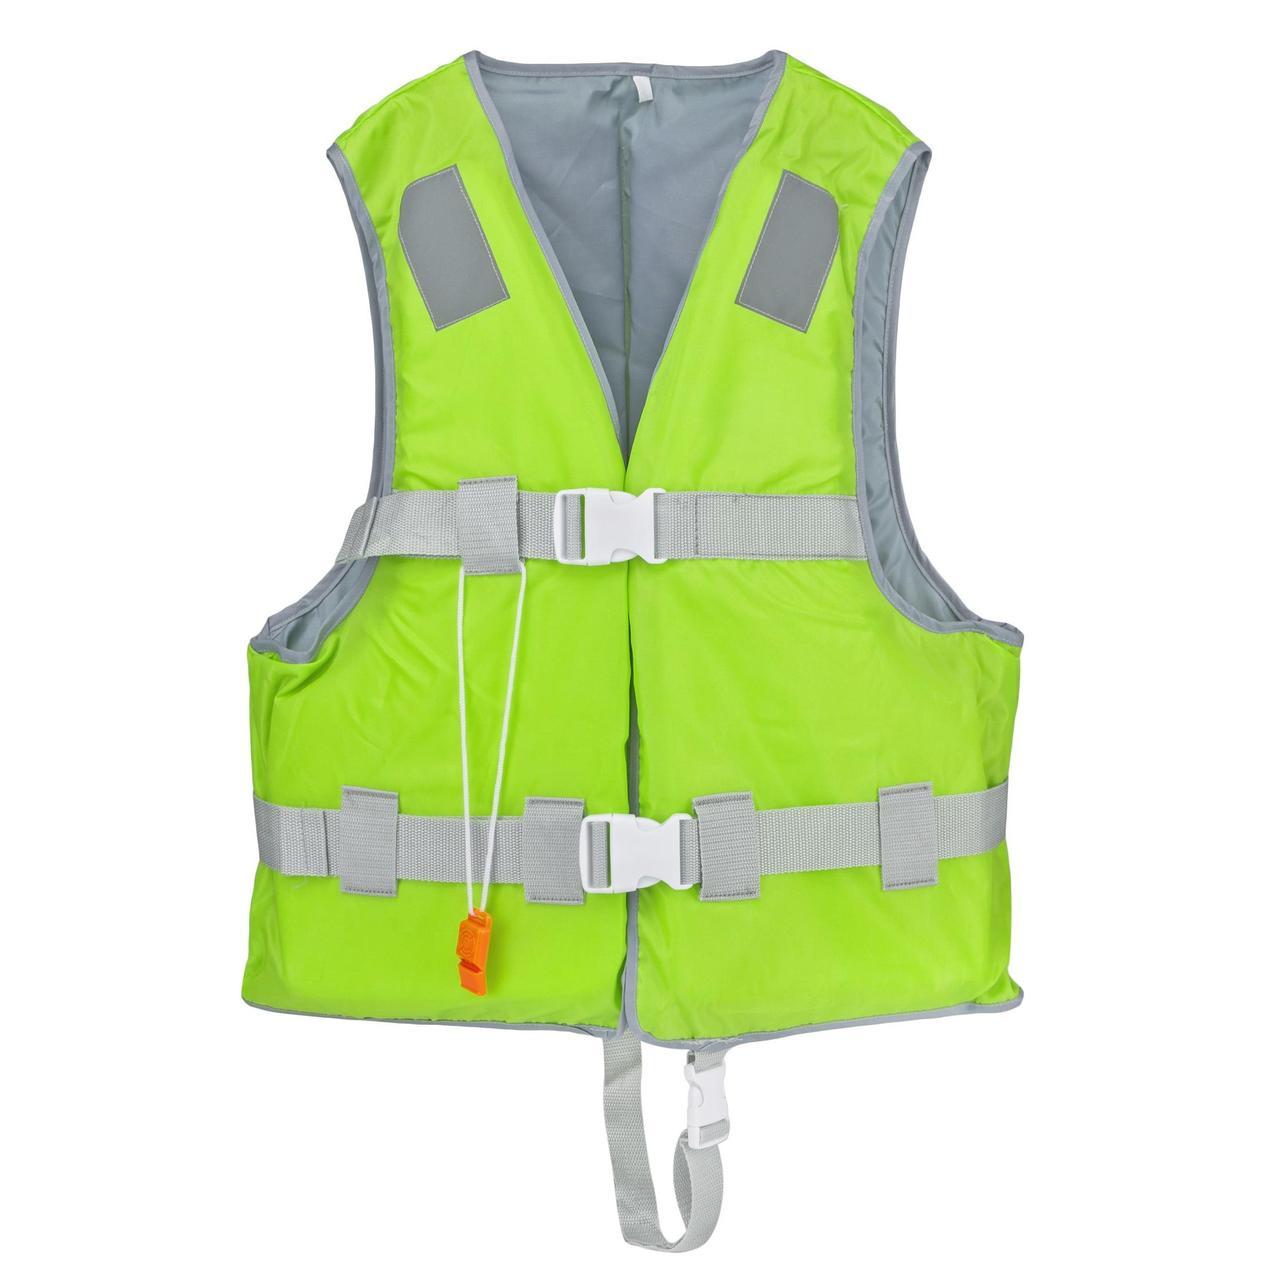 Спасательный жилет YW1218 размер XXL EPE пена и 420D полиэстер, зеленый